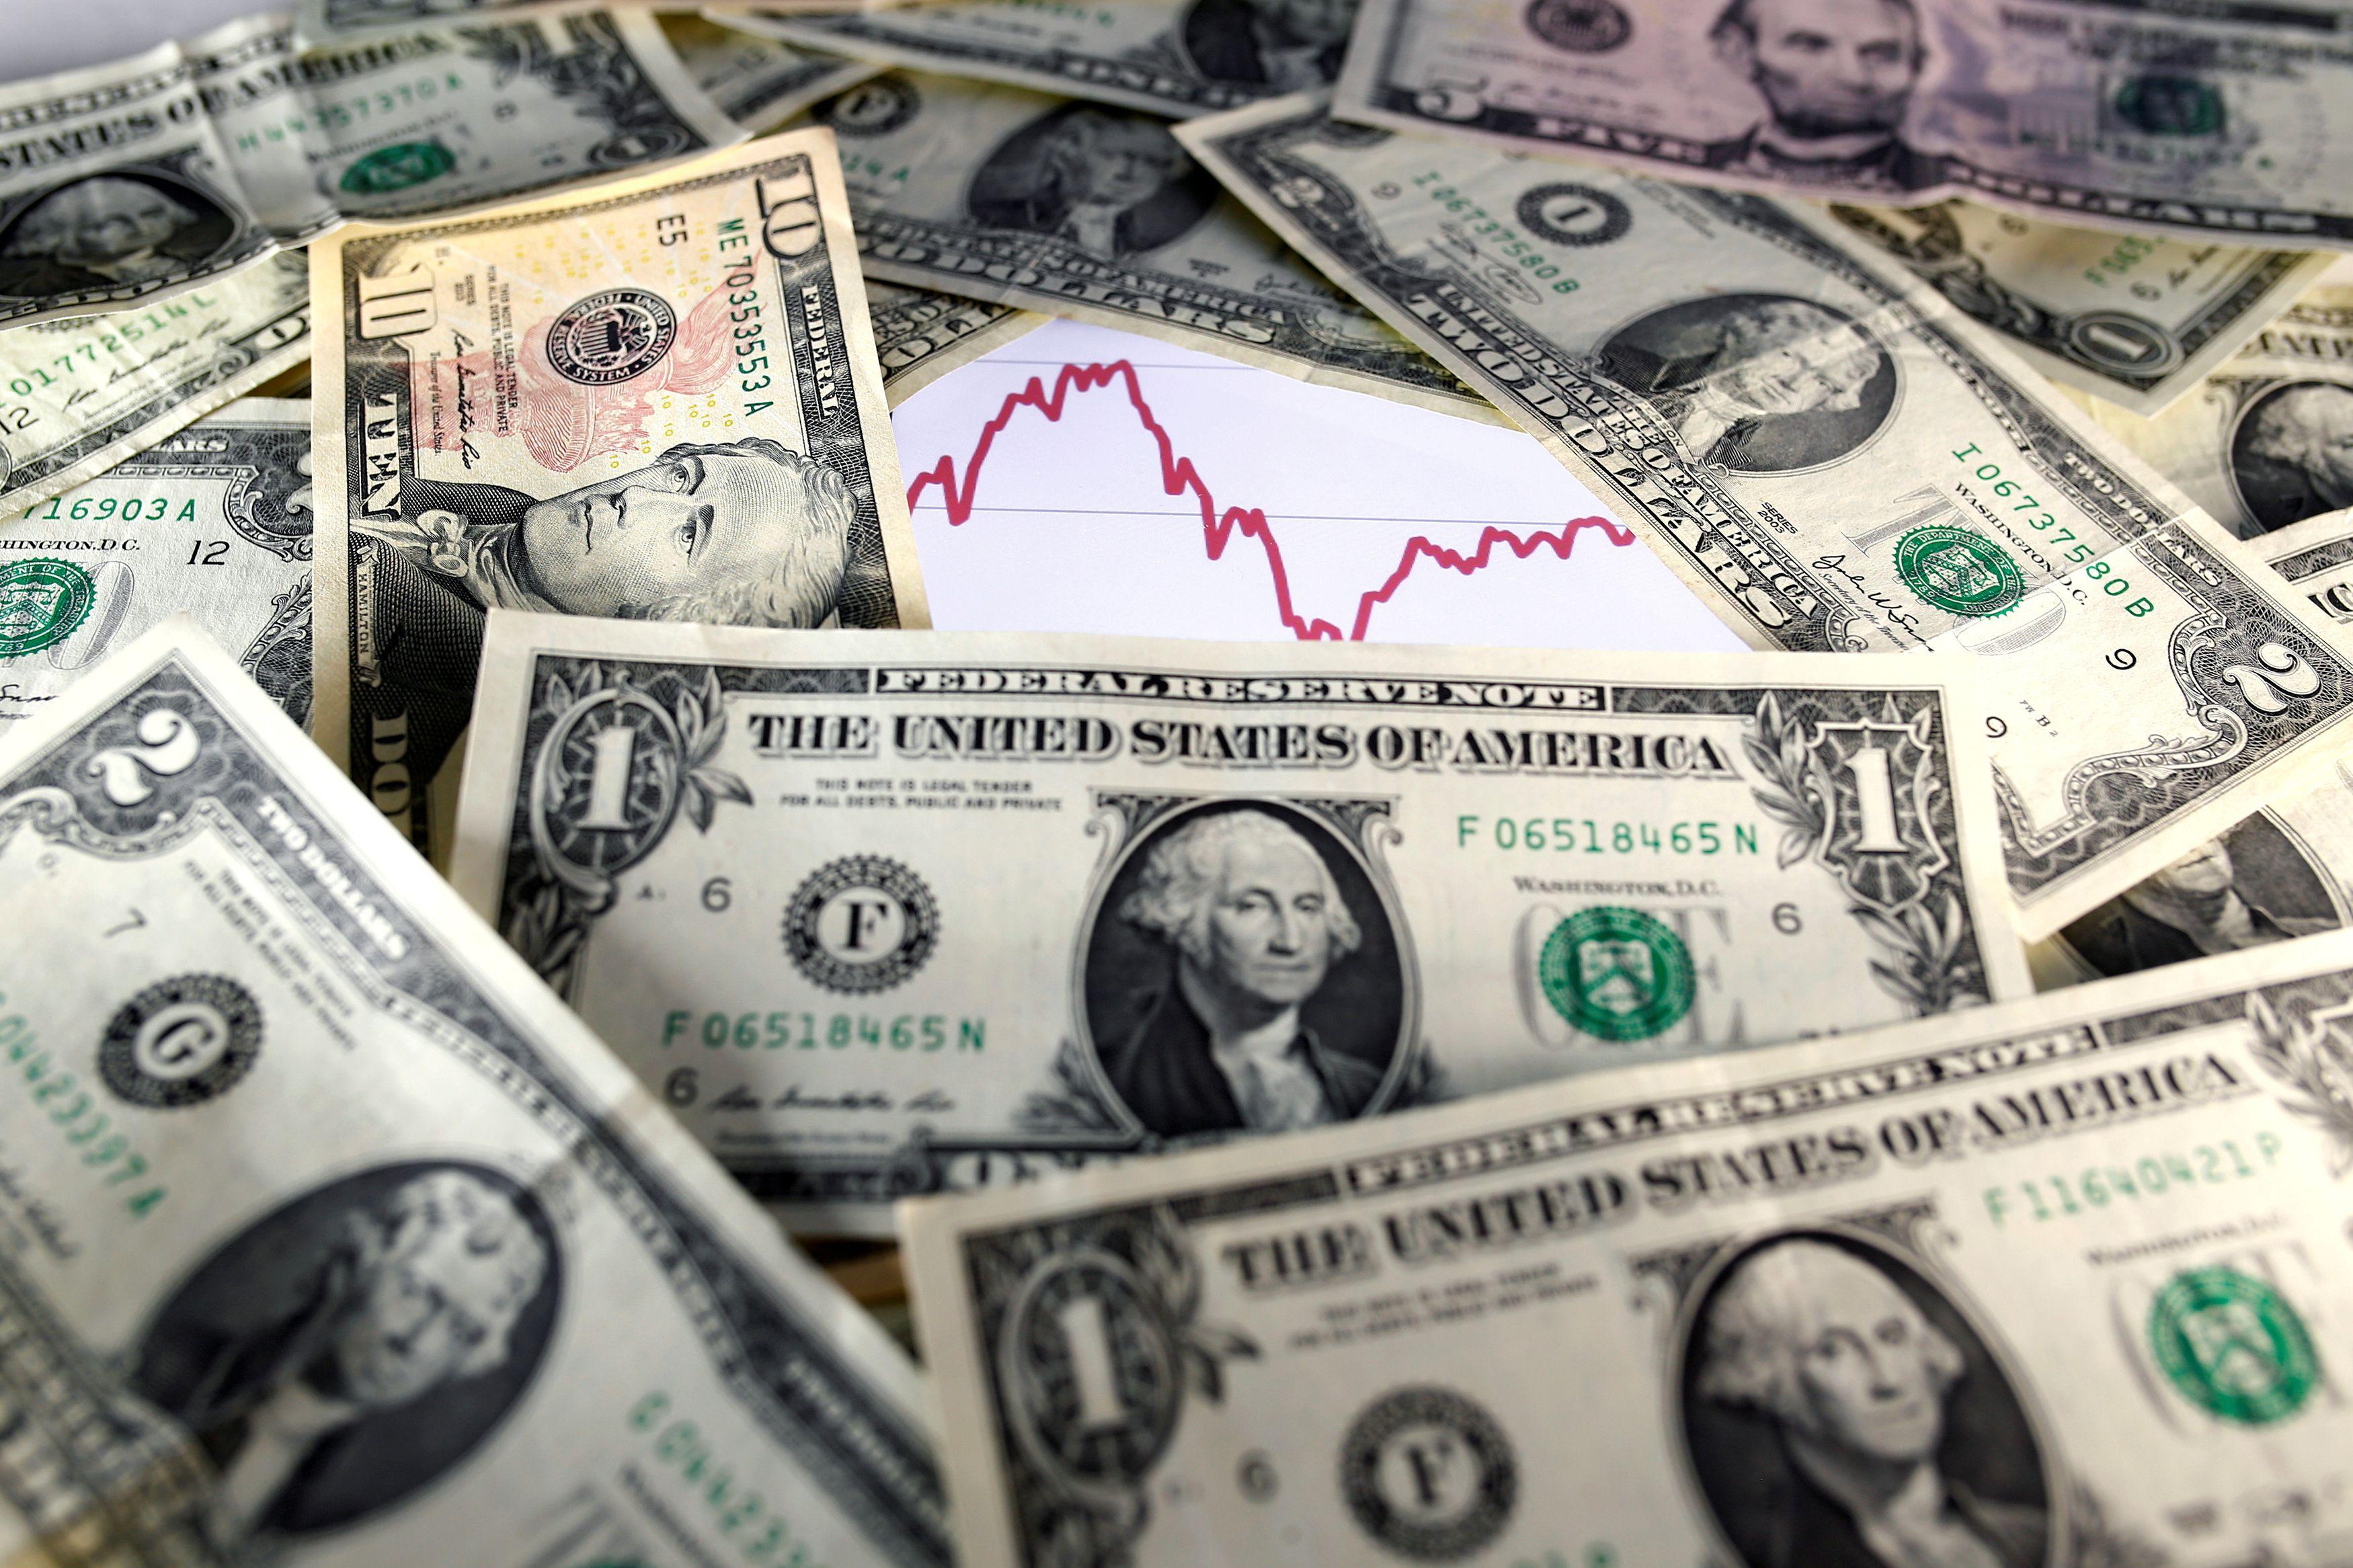 Κίνα: Για 1η φορά άντλησε 6 δισ. δολάρια  από ομόλογο στις ΗΠΑ λίγο πριν τις εκλογές της 3ης Νοεμβρίου